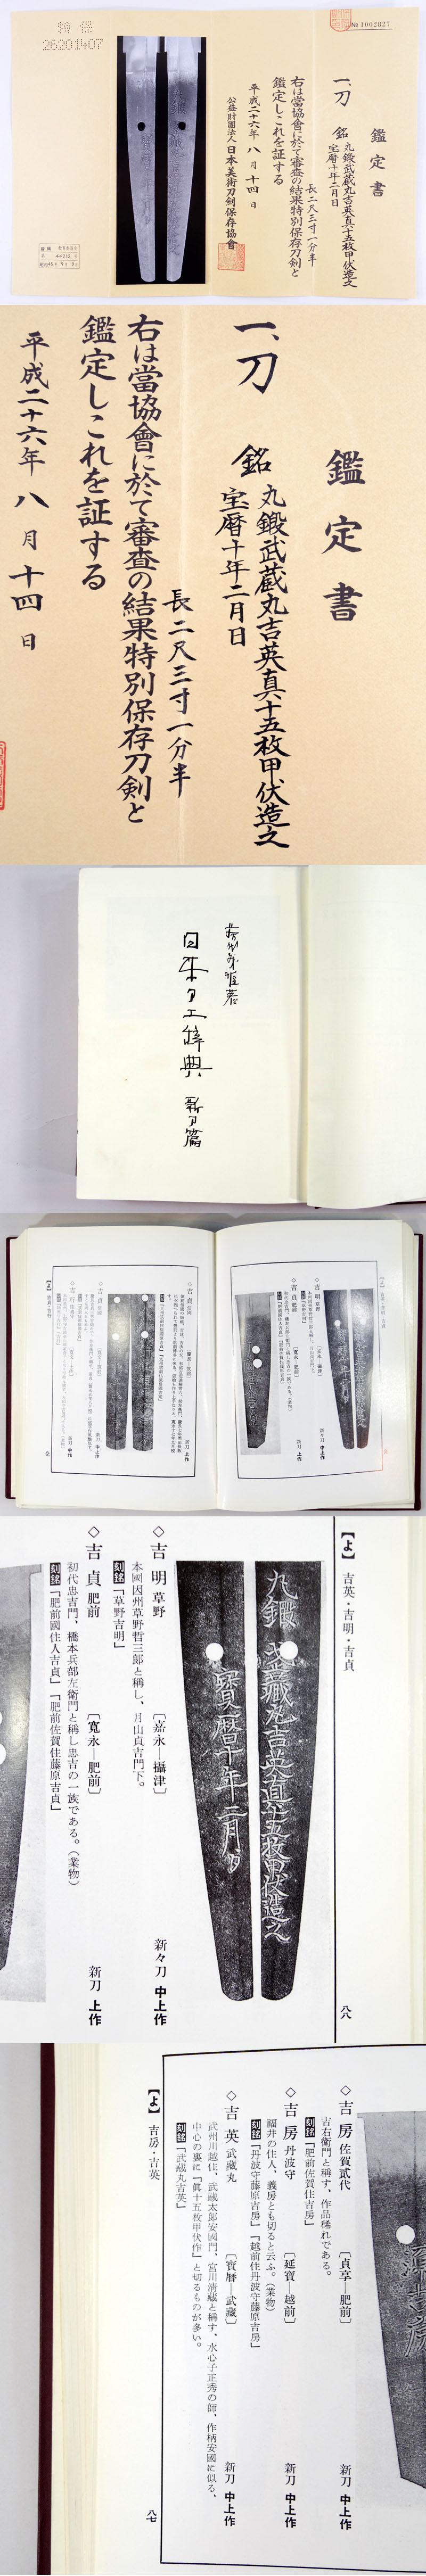 丸鍛武蔵丸吉英真十五枚甲伏造之 Picture of Certificate